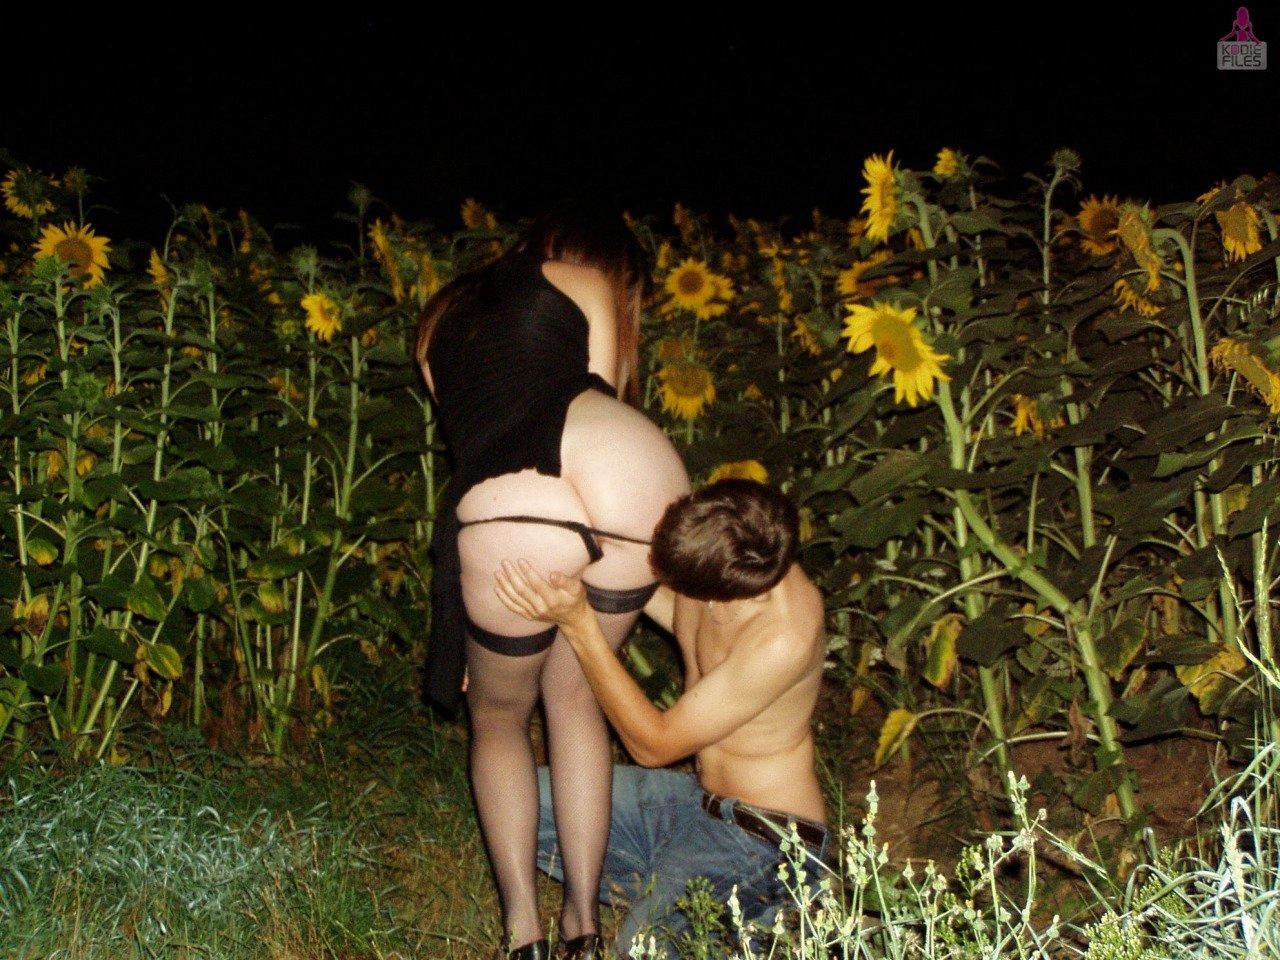 Жена с другом на природе мужика одна девушка-секс